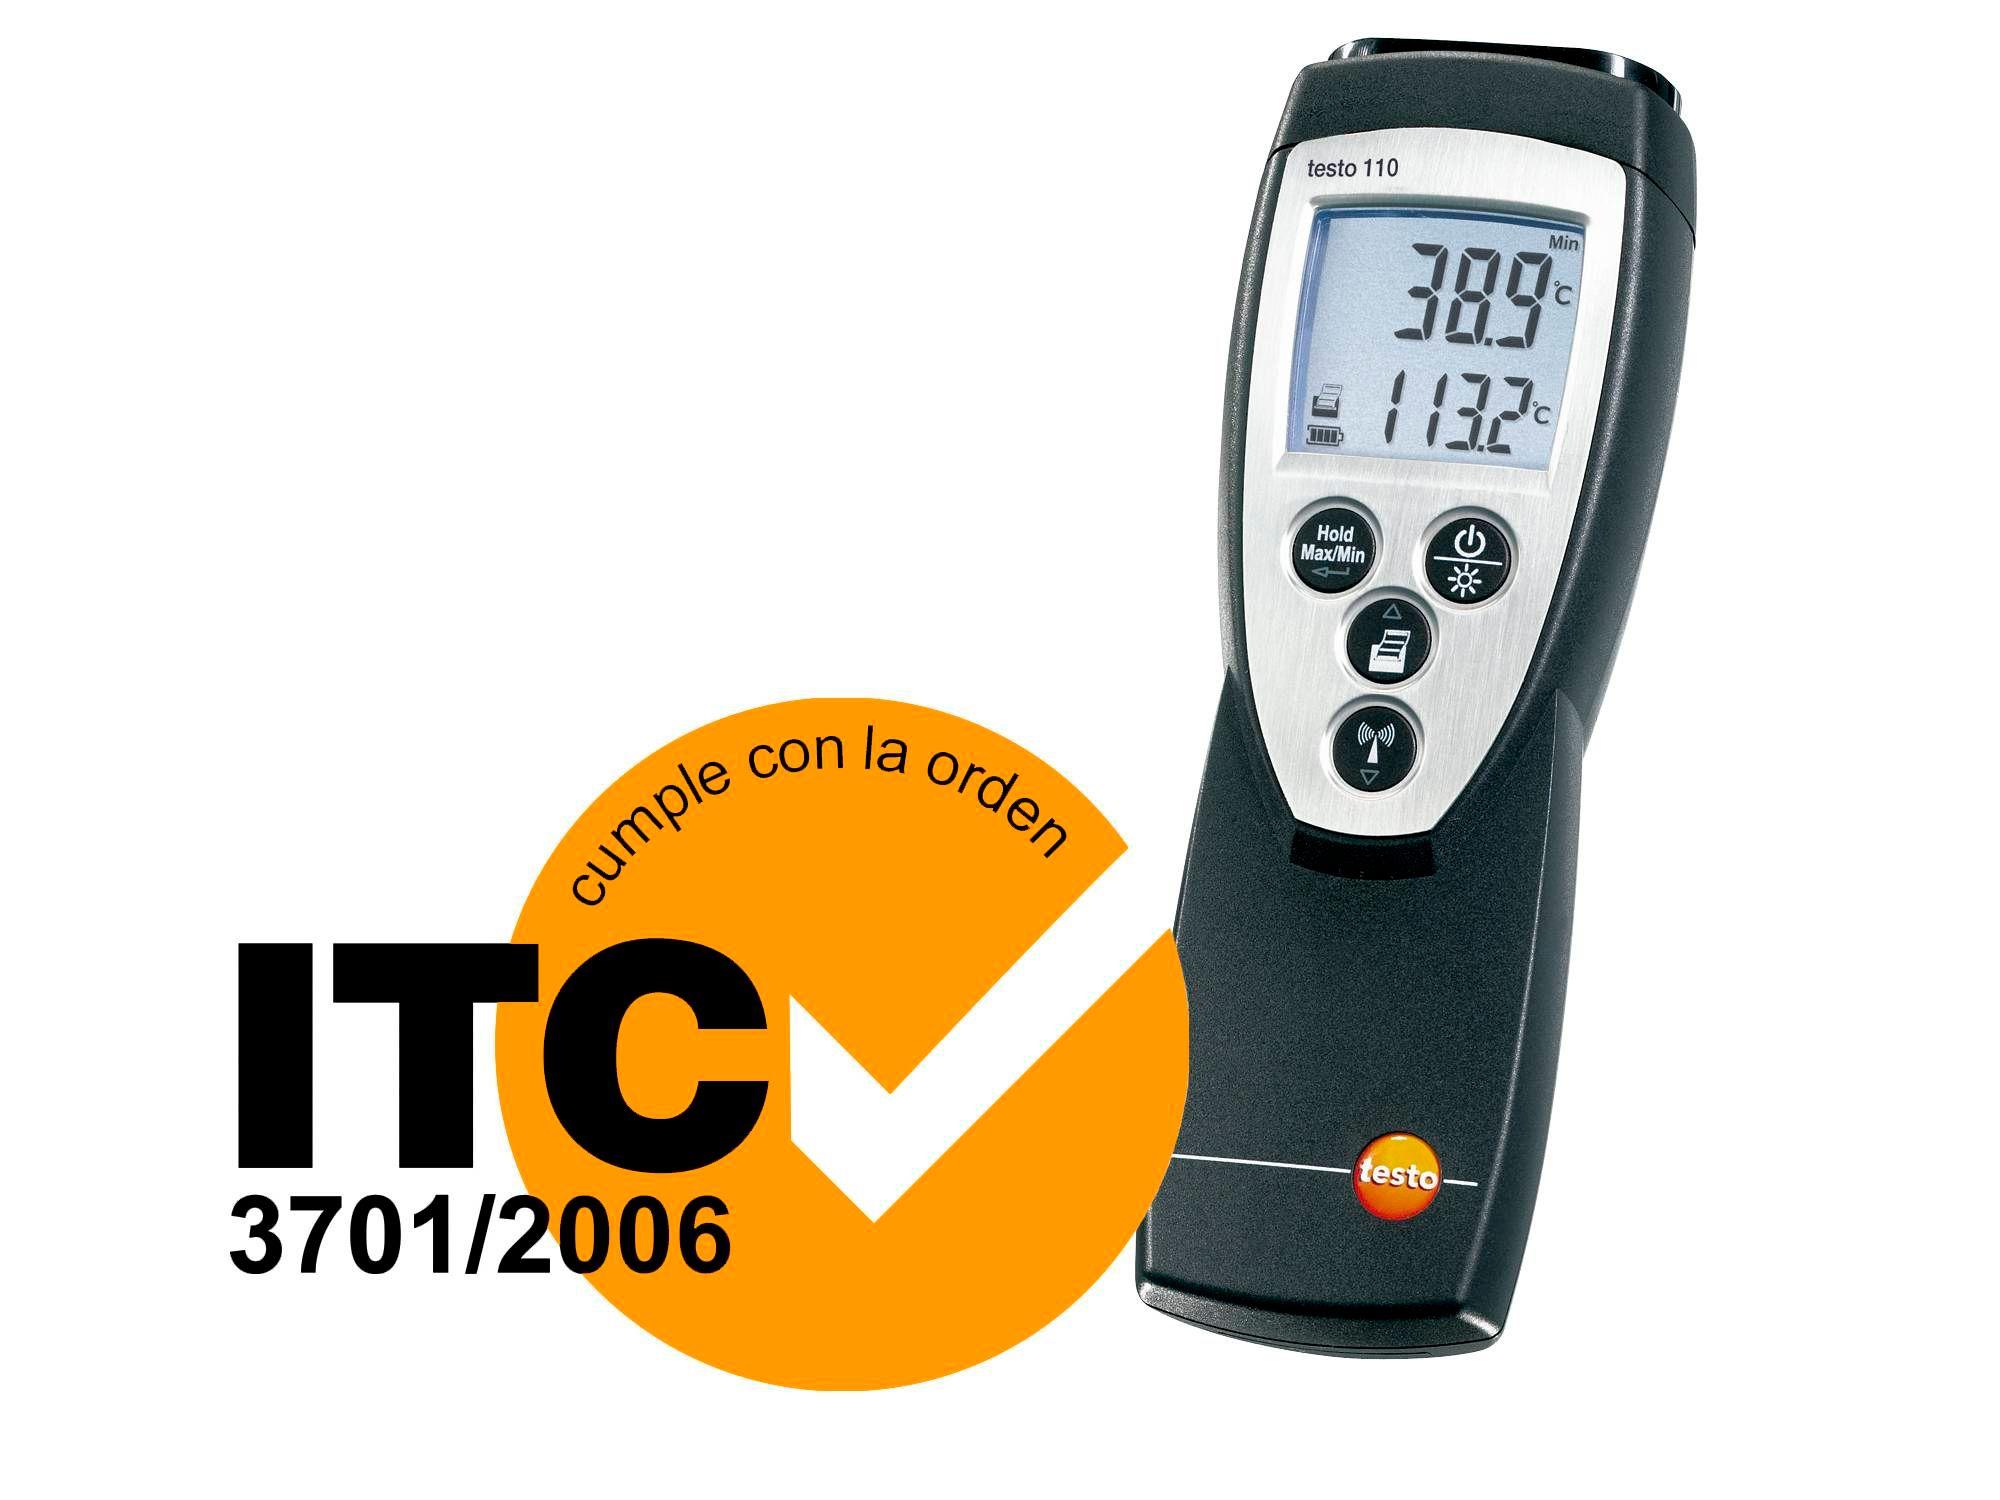 Termómetro homologado ITC testo 110